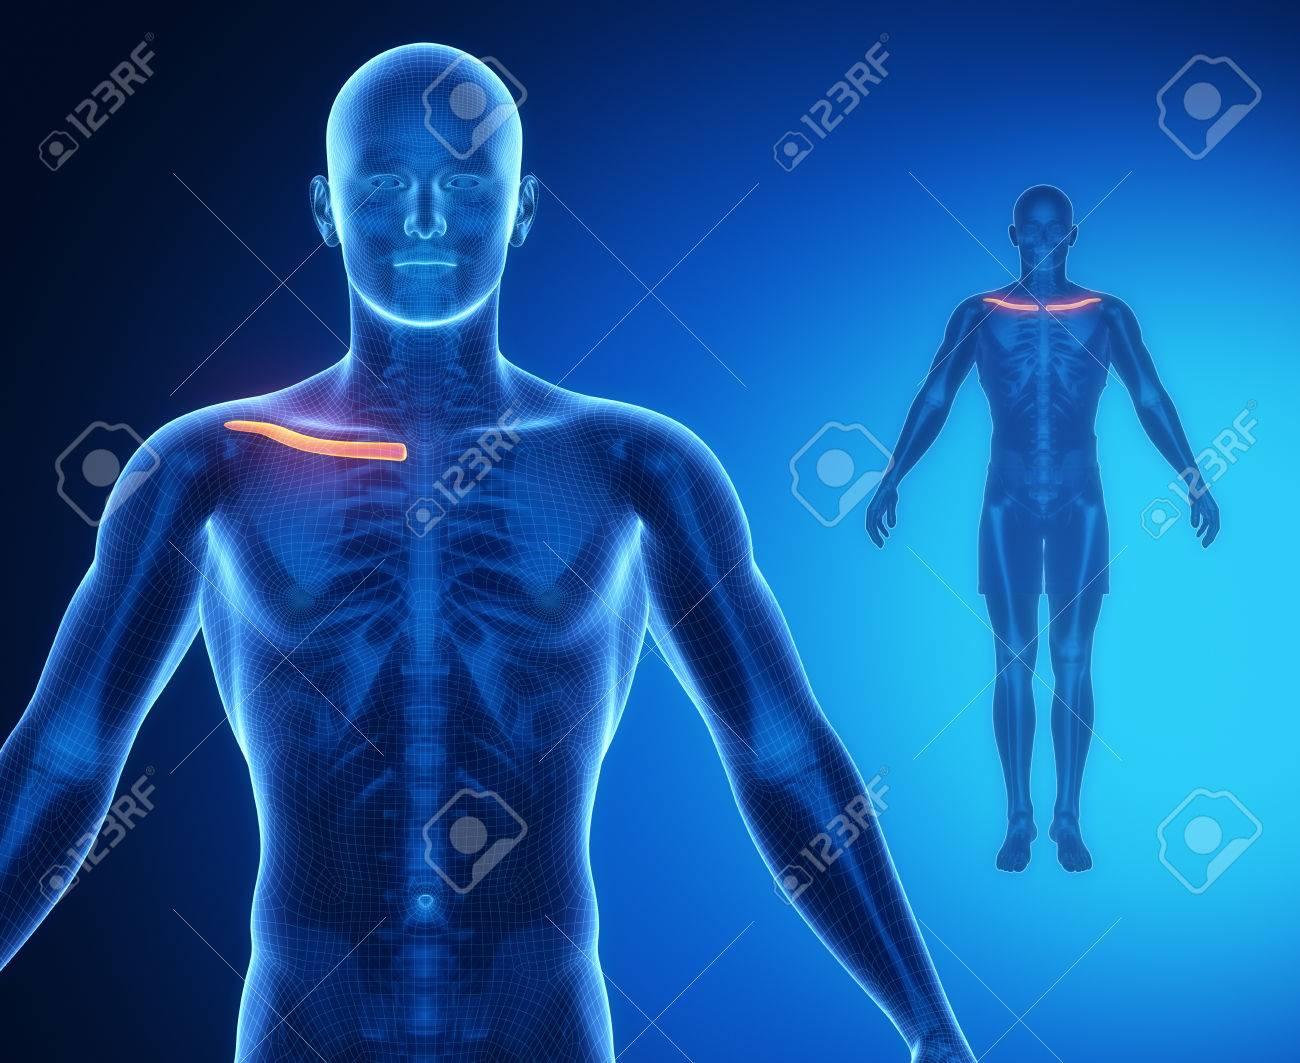 Schlüsselbein Anatomie X-ray-Scan Lizenzfreie Fotos, Bilder Und ...